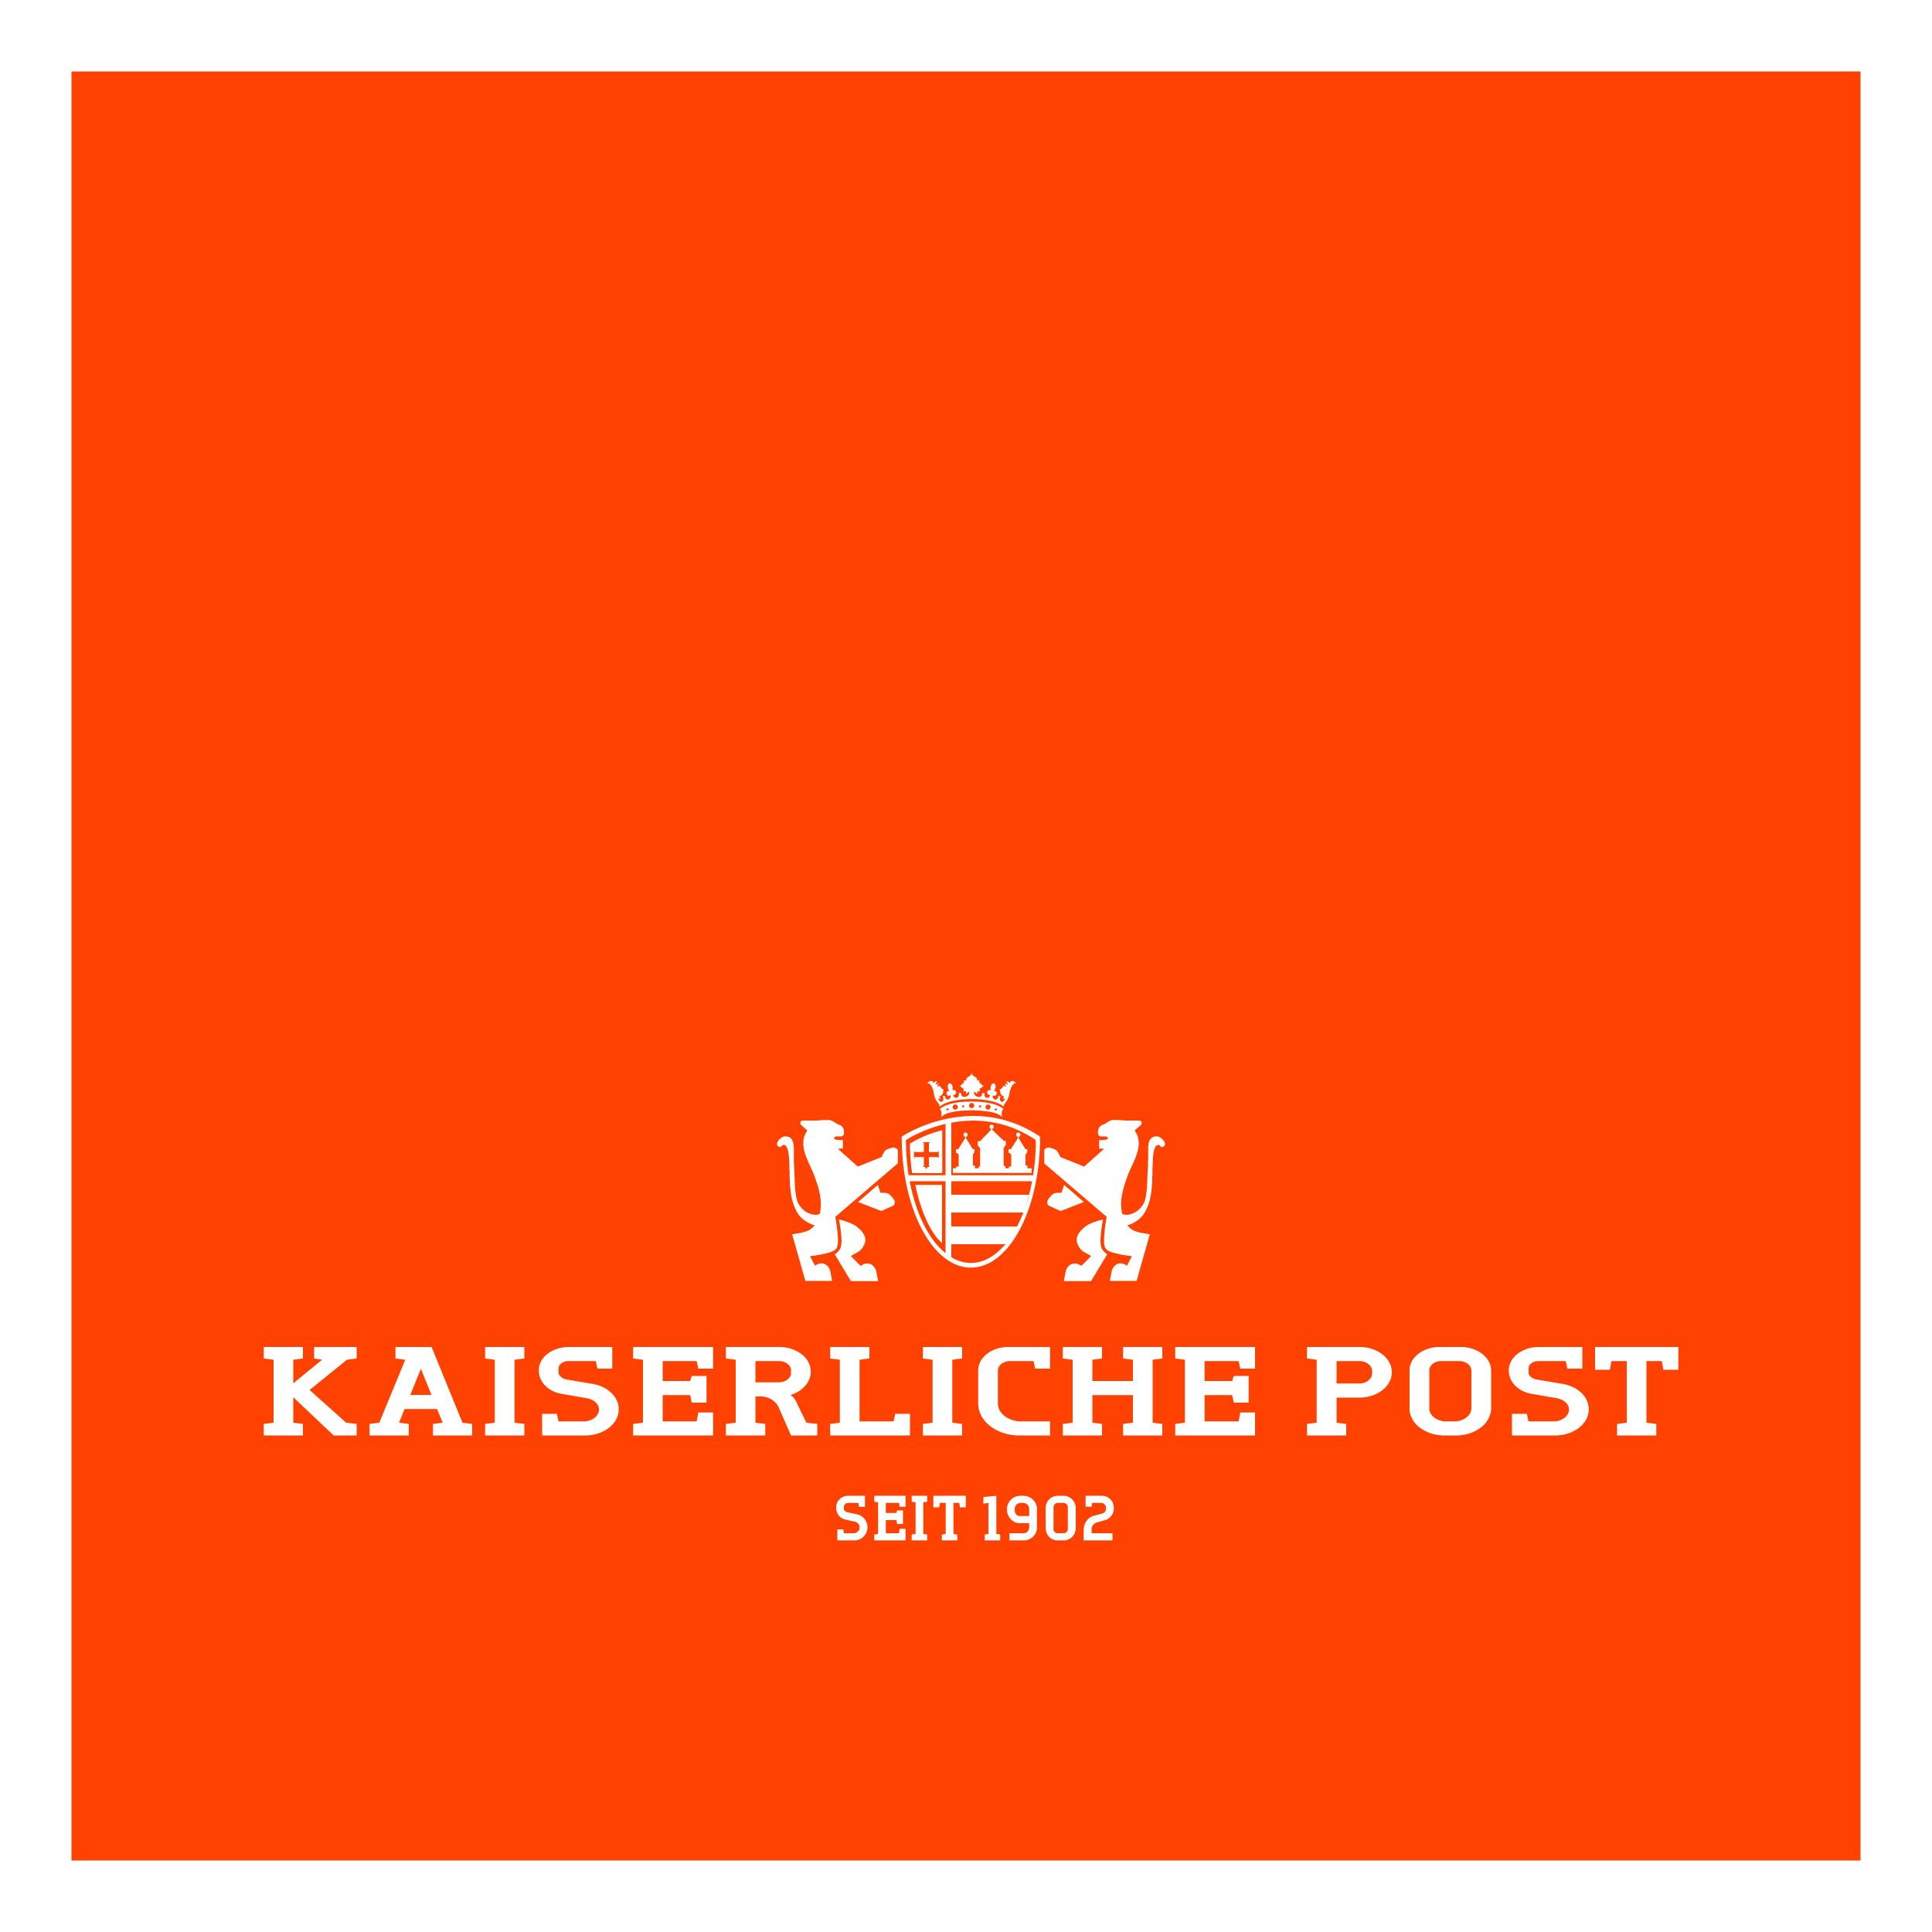 Kaiserliche Post